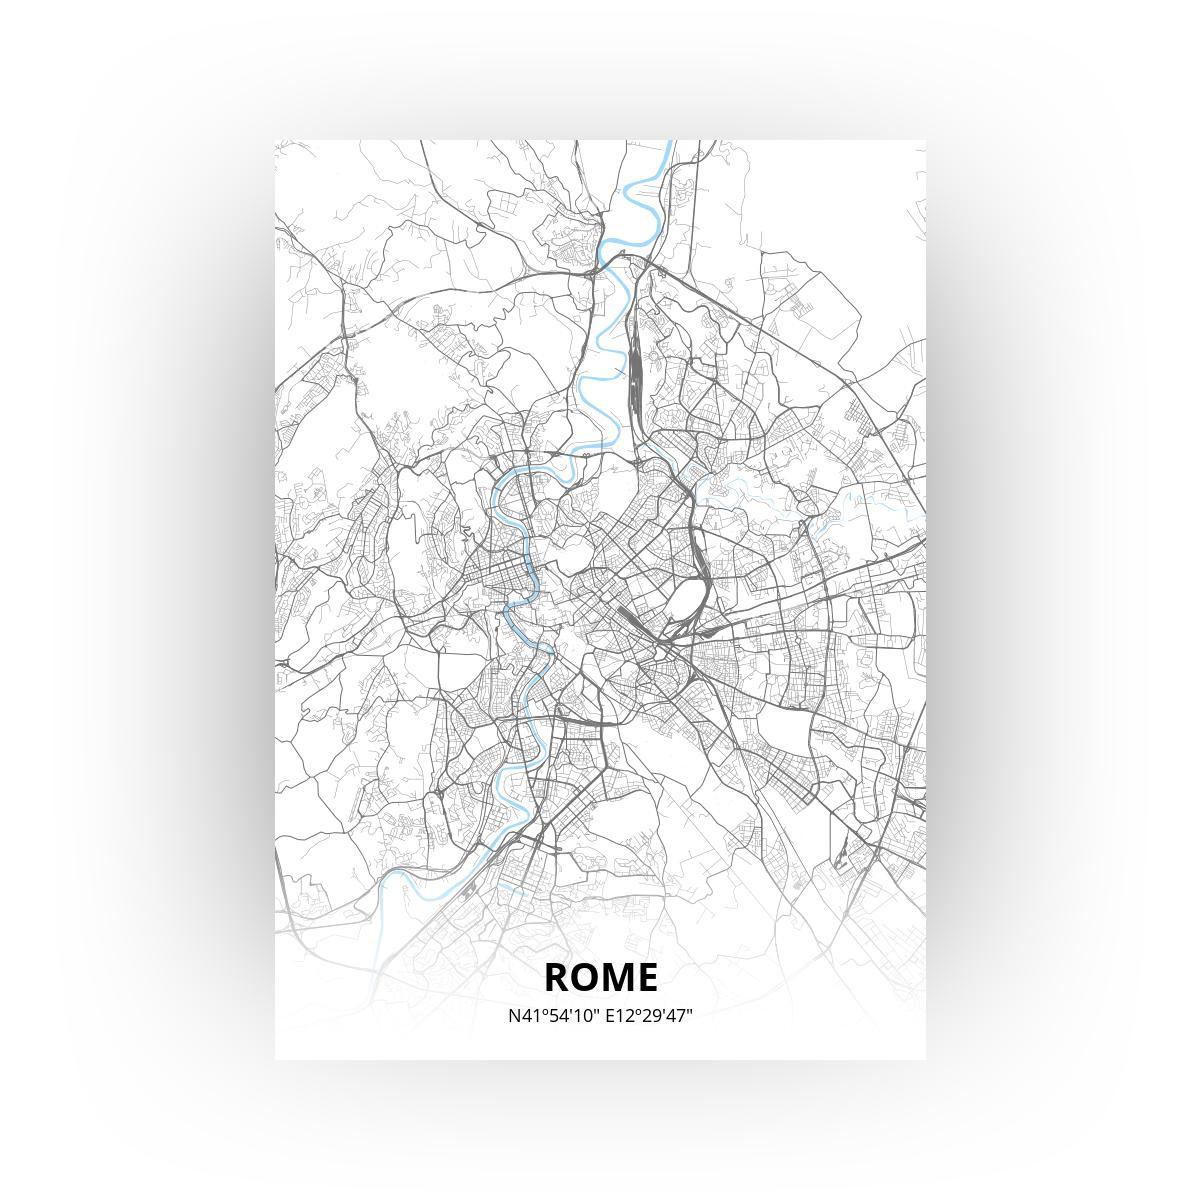 Rome poster - Zelf aan te passen!